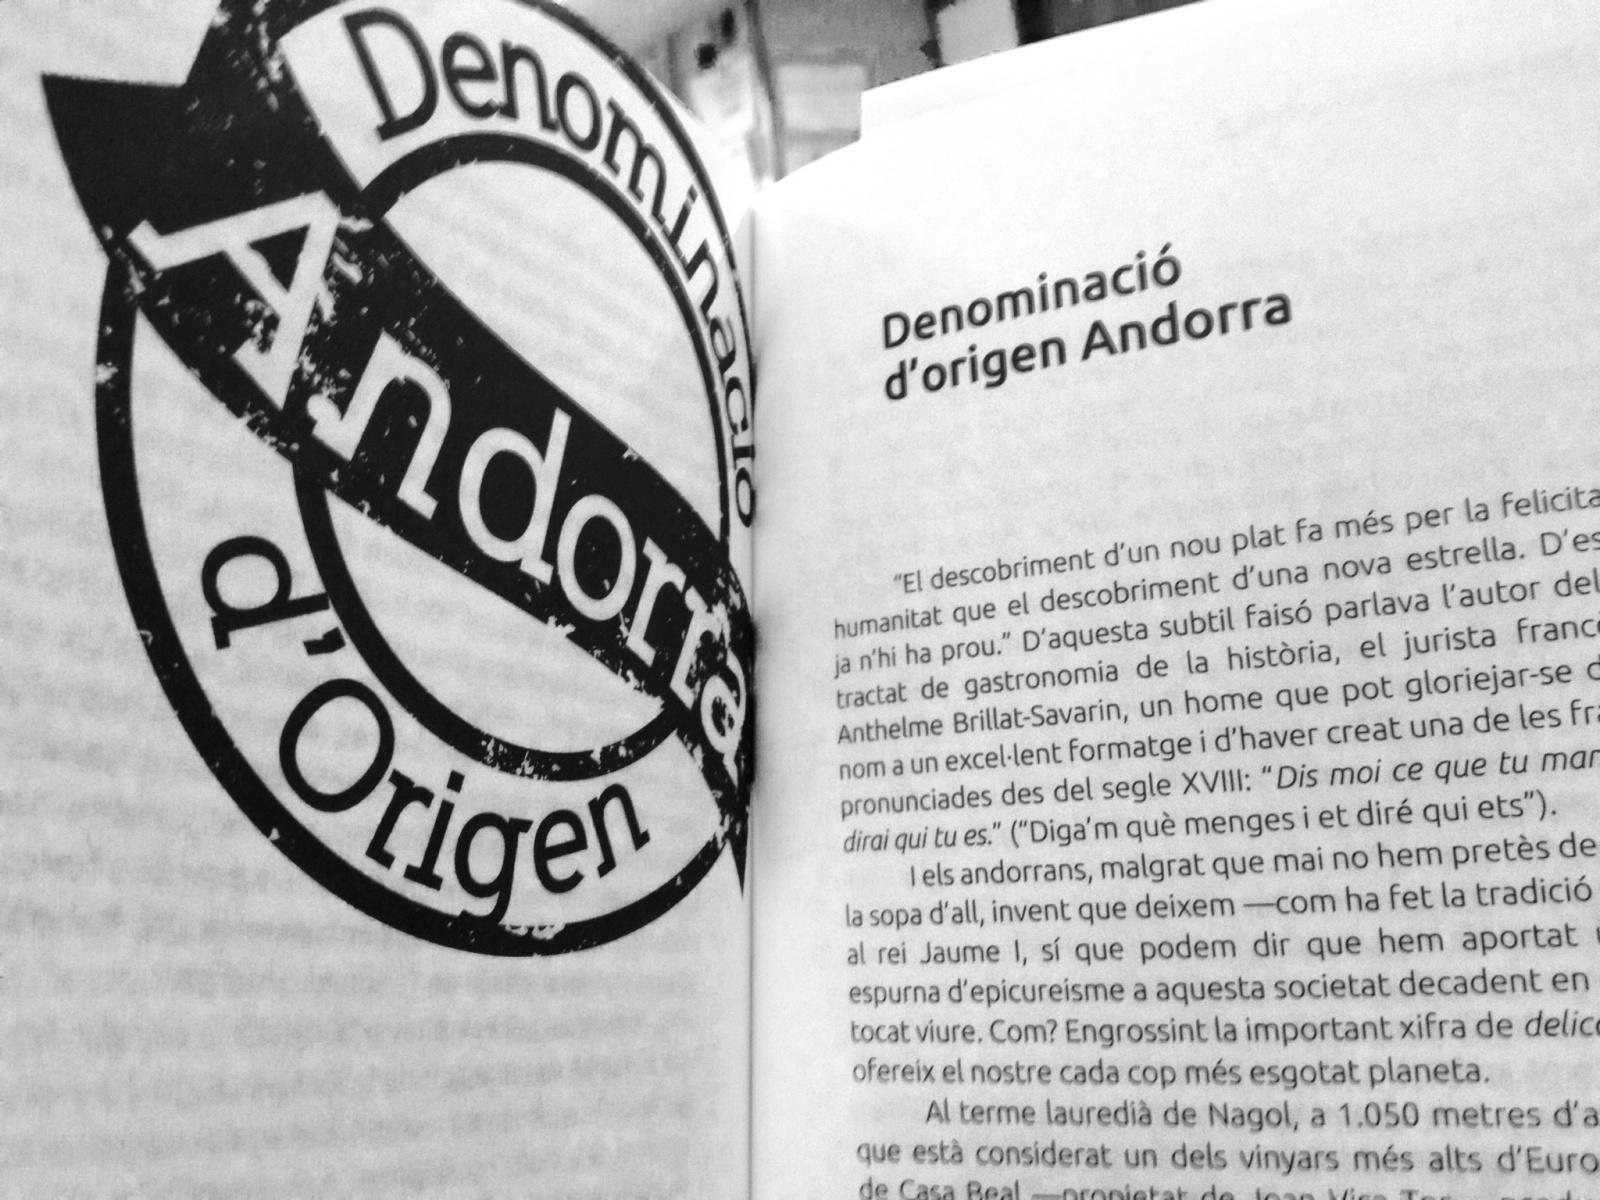 Productes amb DO Andorra, a les Històries de la nostra Història de l'Alfred Llahí